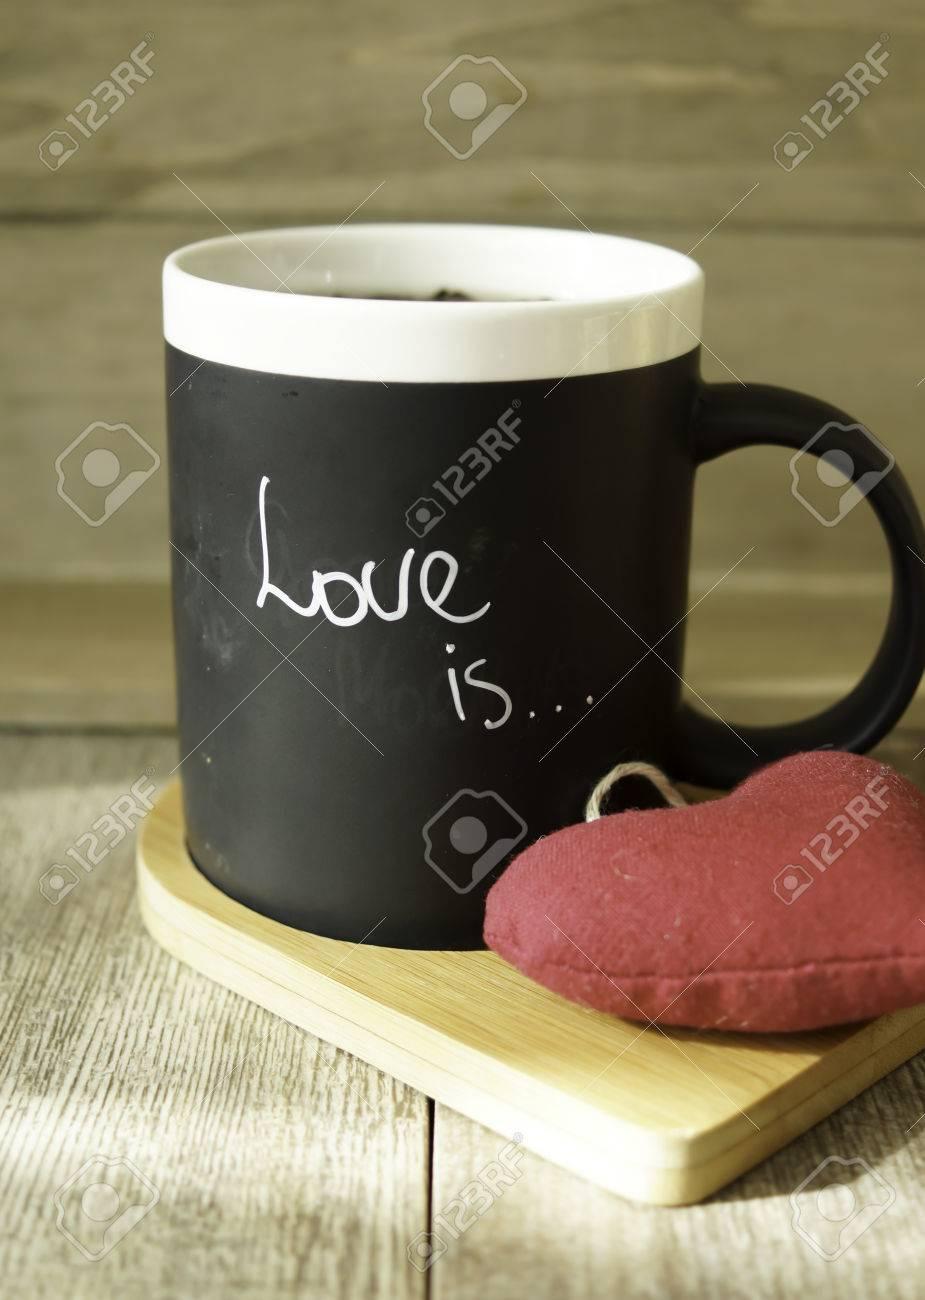 San Valentino Tavolo.Una Tazza Con Amore E Nota E Decorata Di San Valentino Sul Tavolo Di Legno